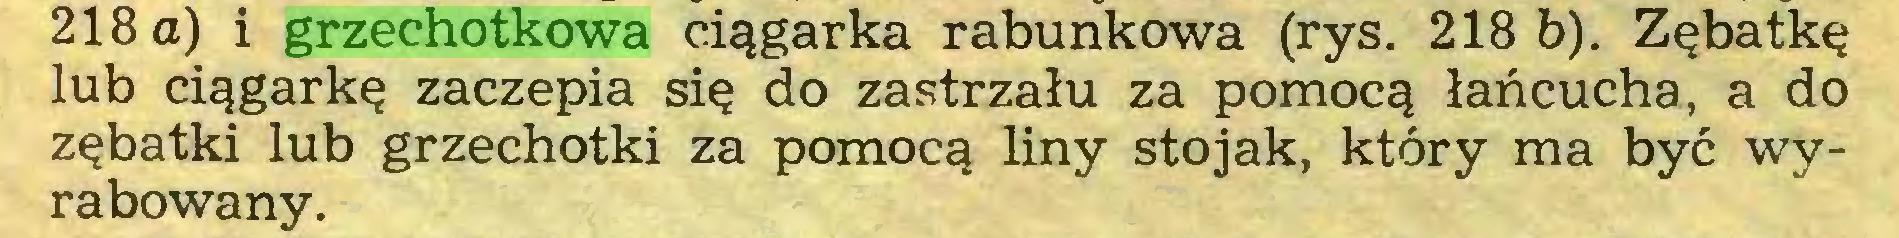 (...) 218 a) i grzechotkowa ciągarka rabunkowa (rys. 218 b). Zębatkę lub ciągarkę zaczepia się do zastrzału za pomocą łańcucha, a do zębatki lub grzechotki za pomocą liny stojak, który ma być wyrabowany...